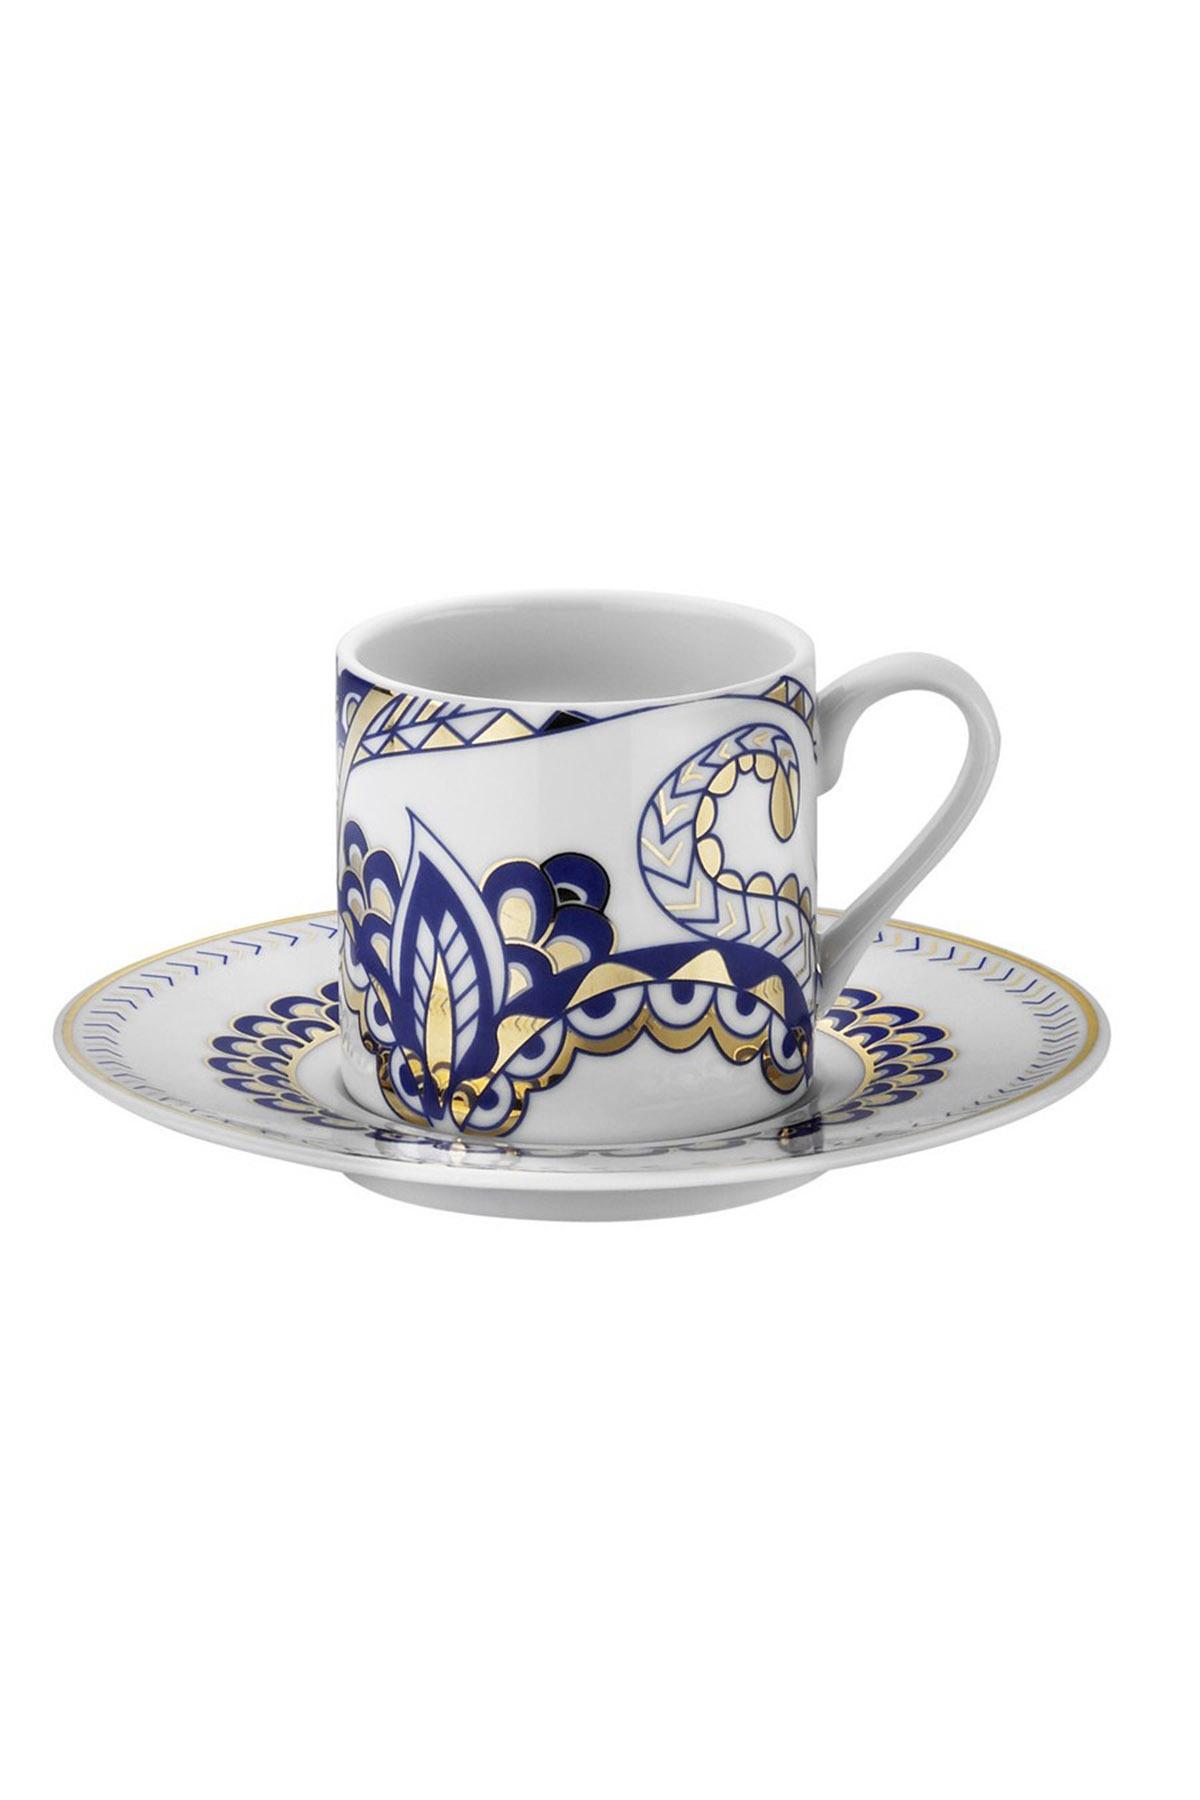 Kütahya Porselen - Kütahya Porselen Rüya 9235 Desen Kahve Fincan Takımı